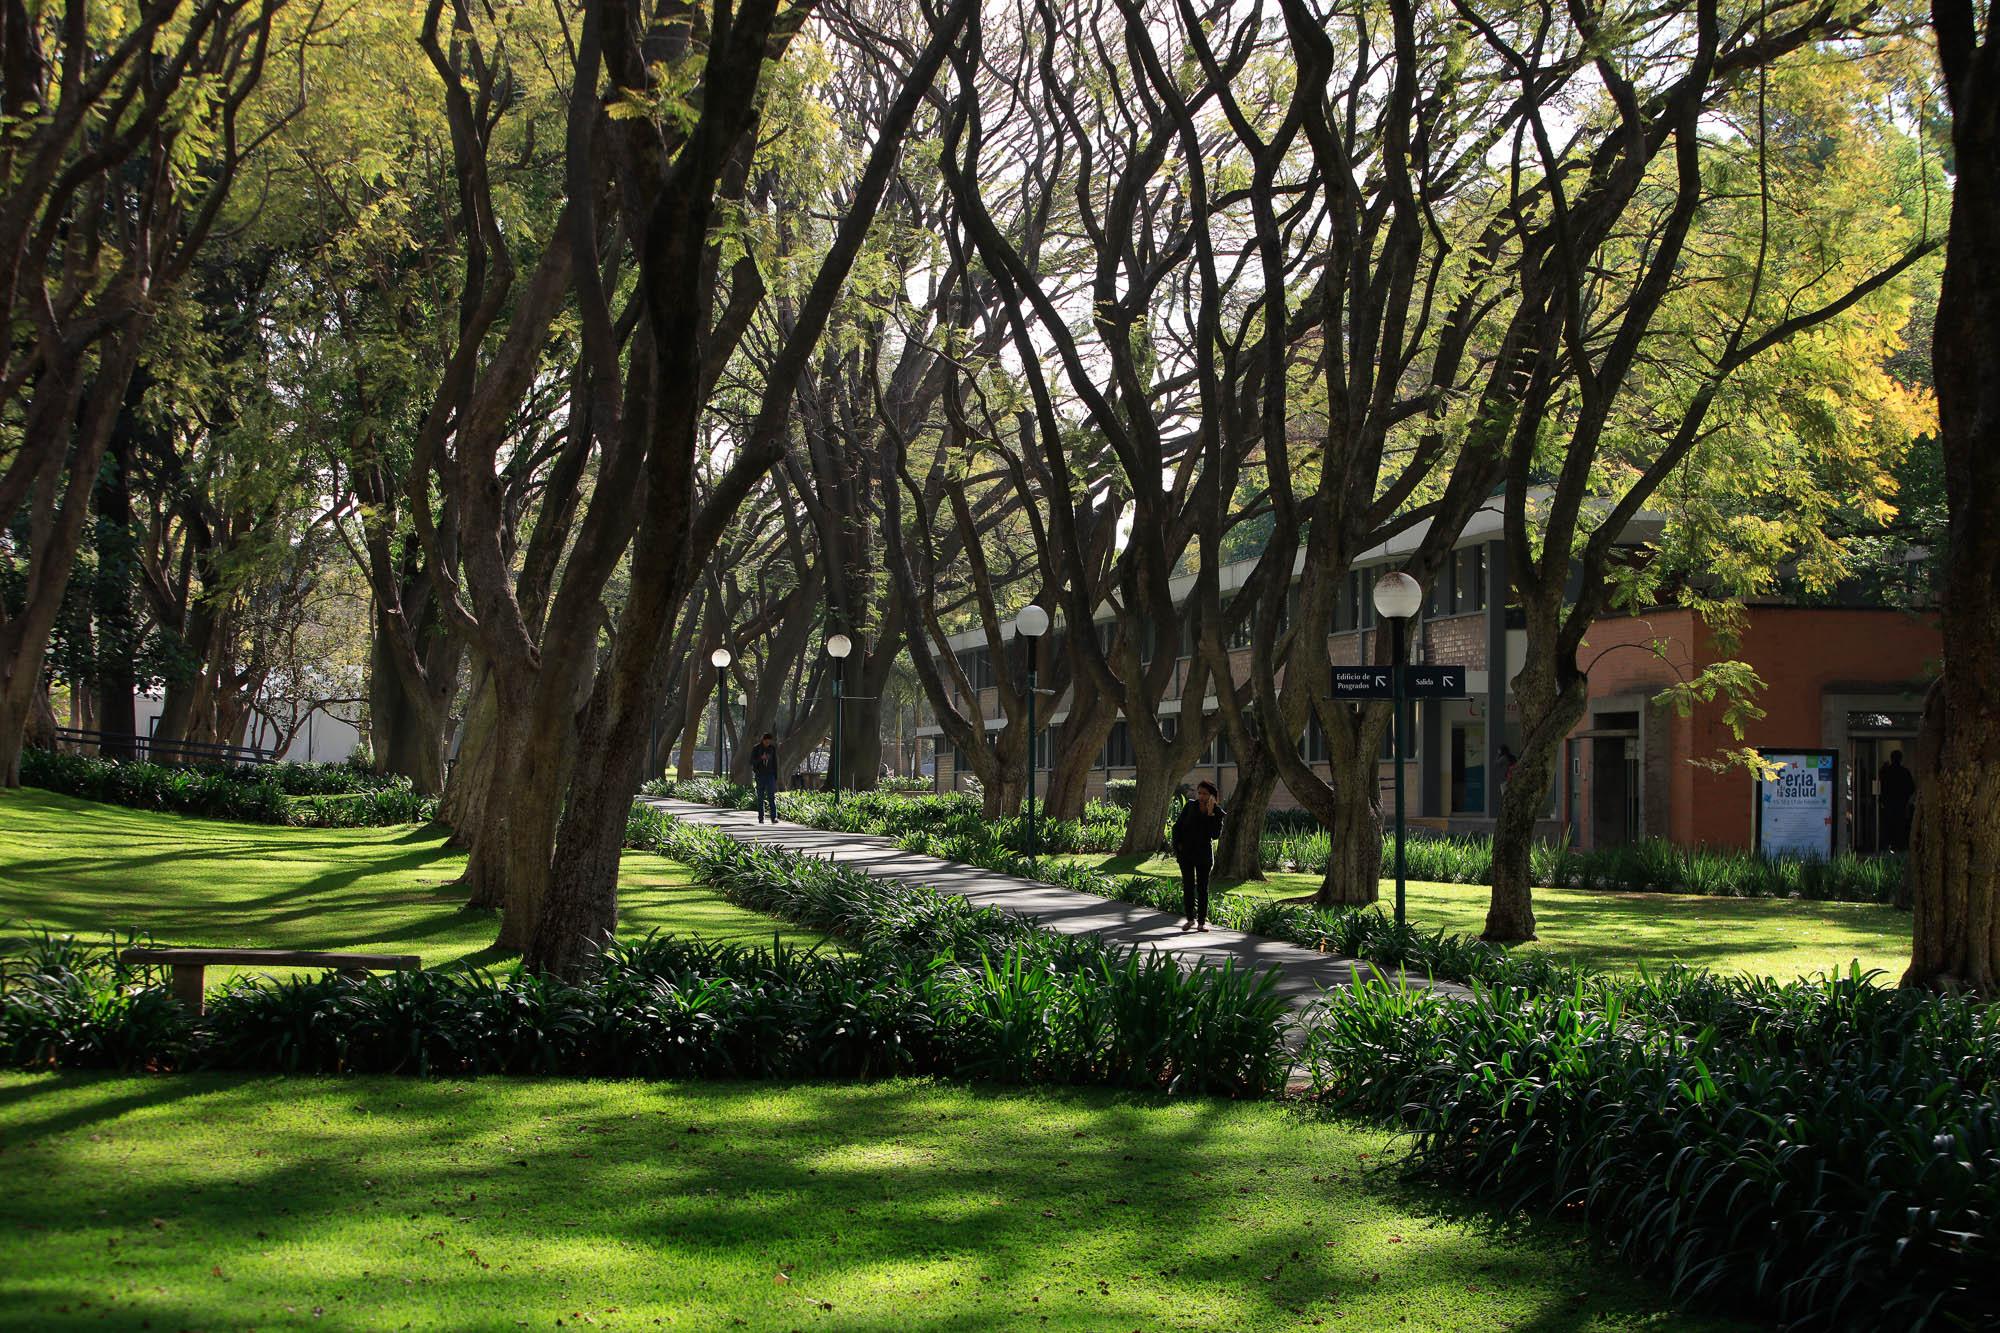 El campus, aprendizaje al interior de un bosque